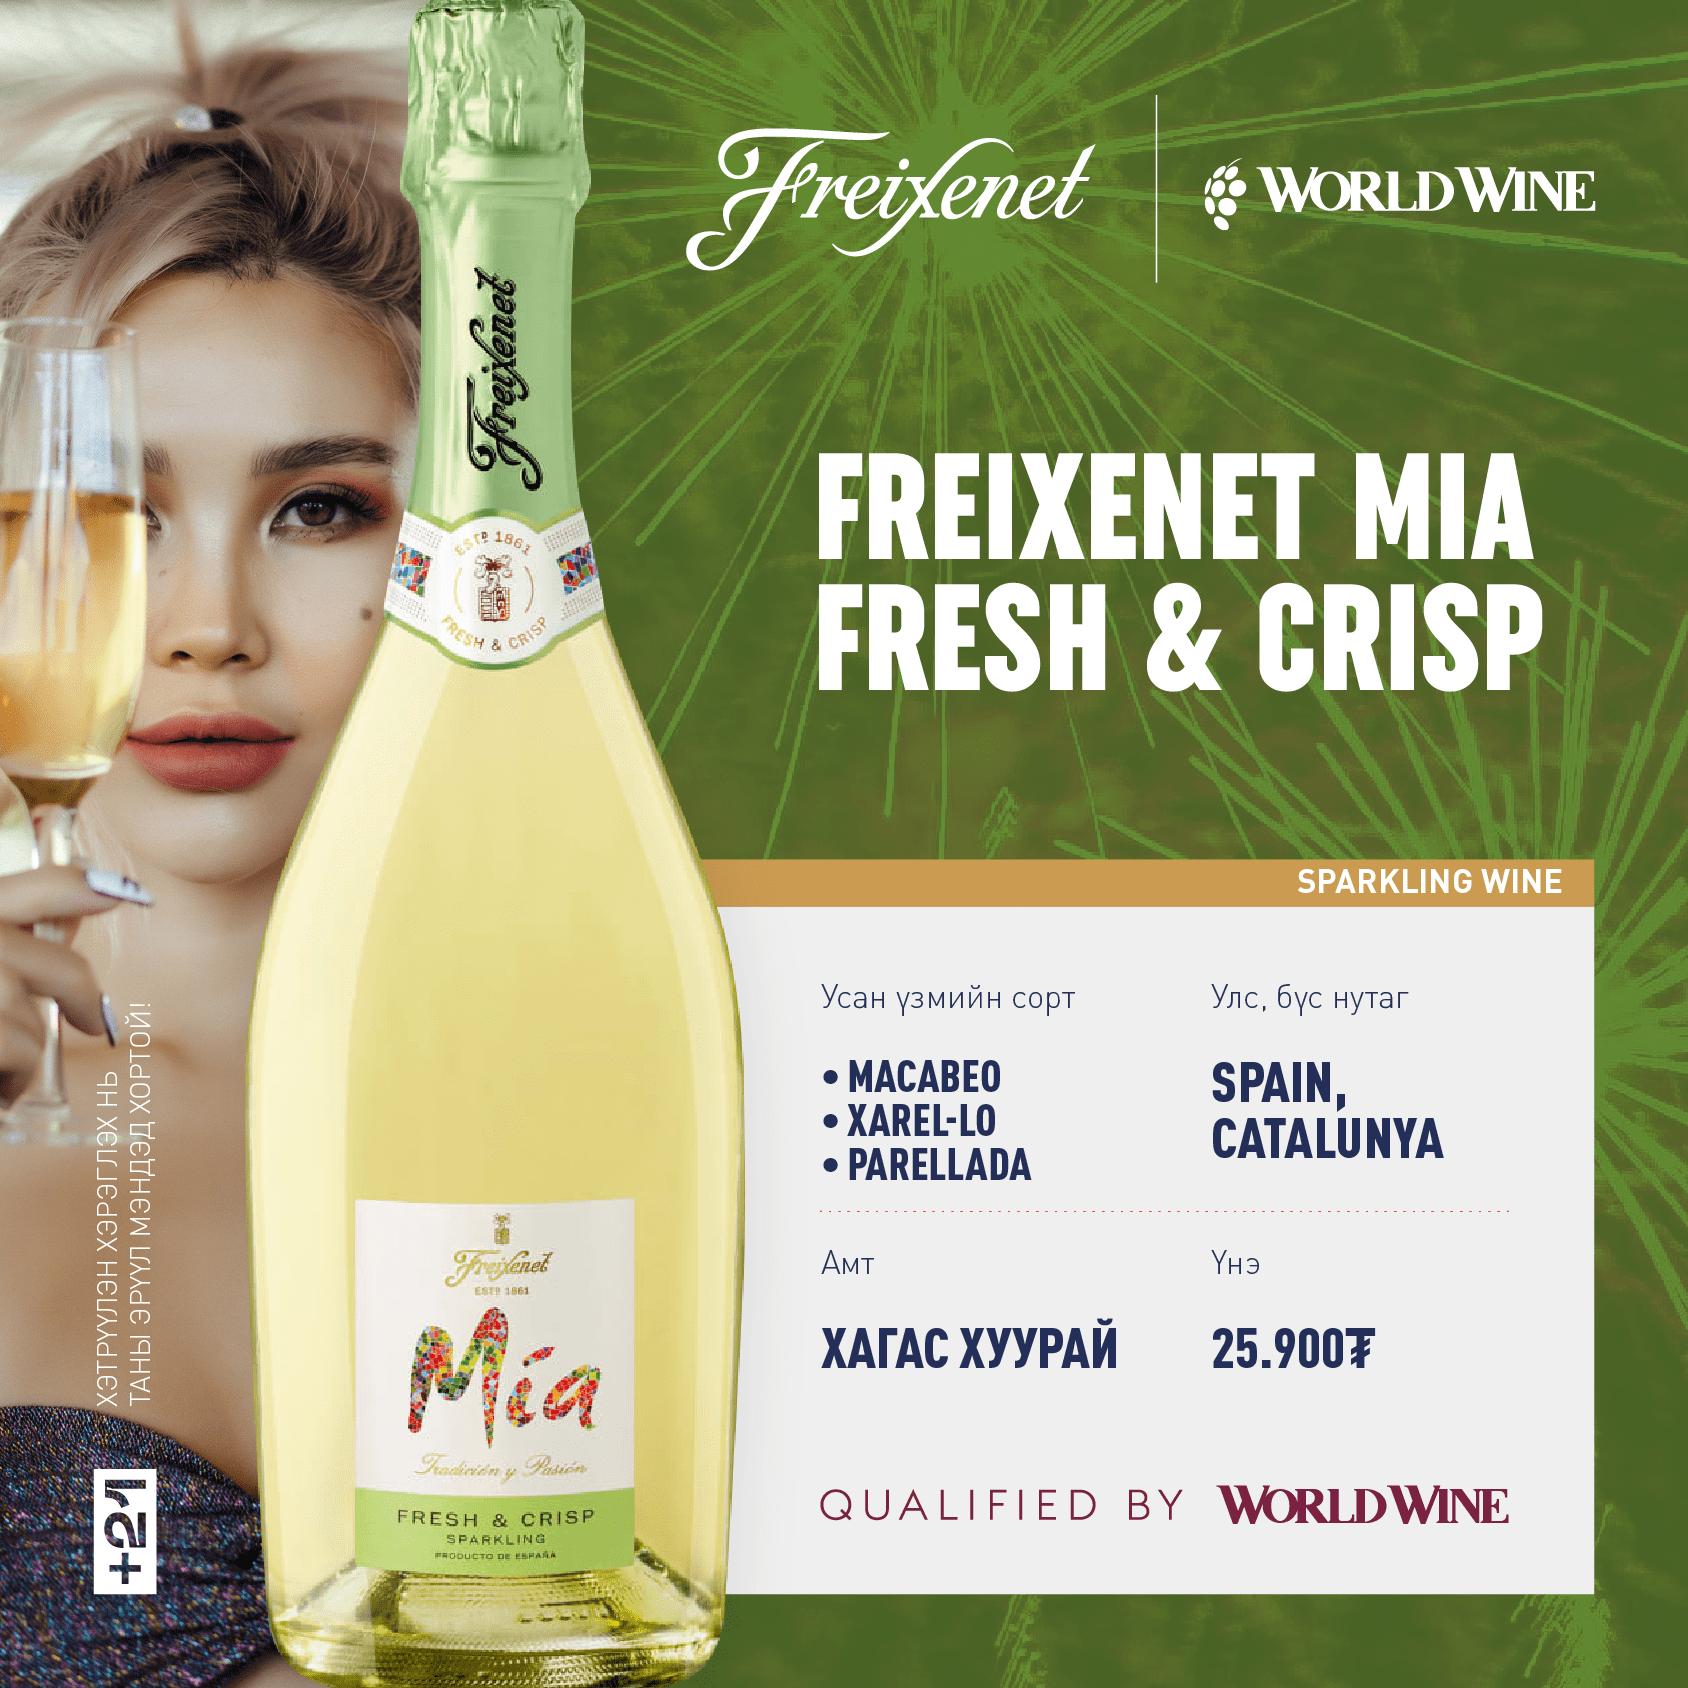 Freixenet mia fresh _ crisp